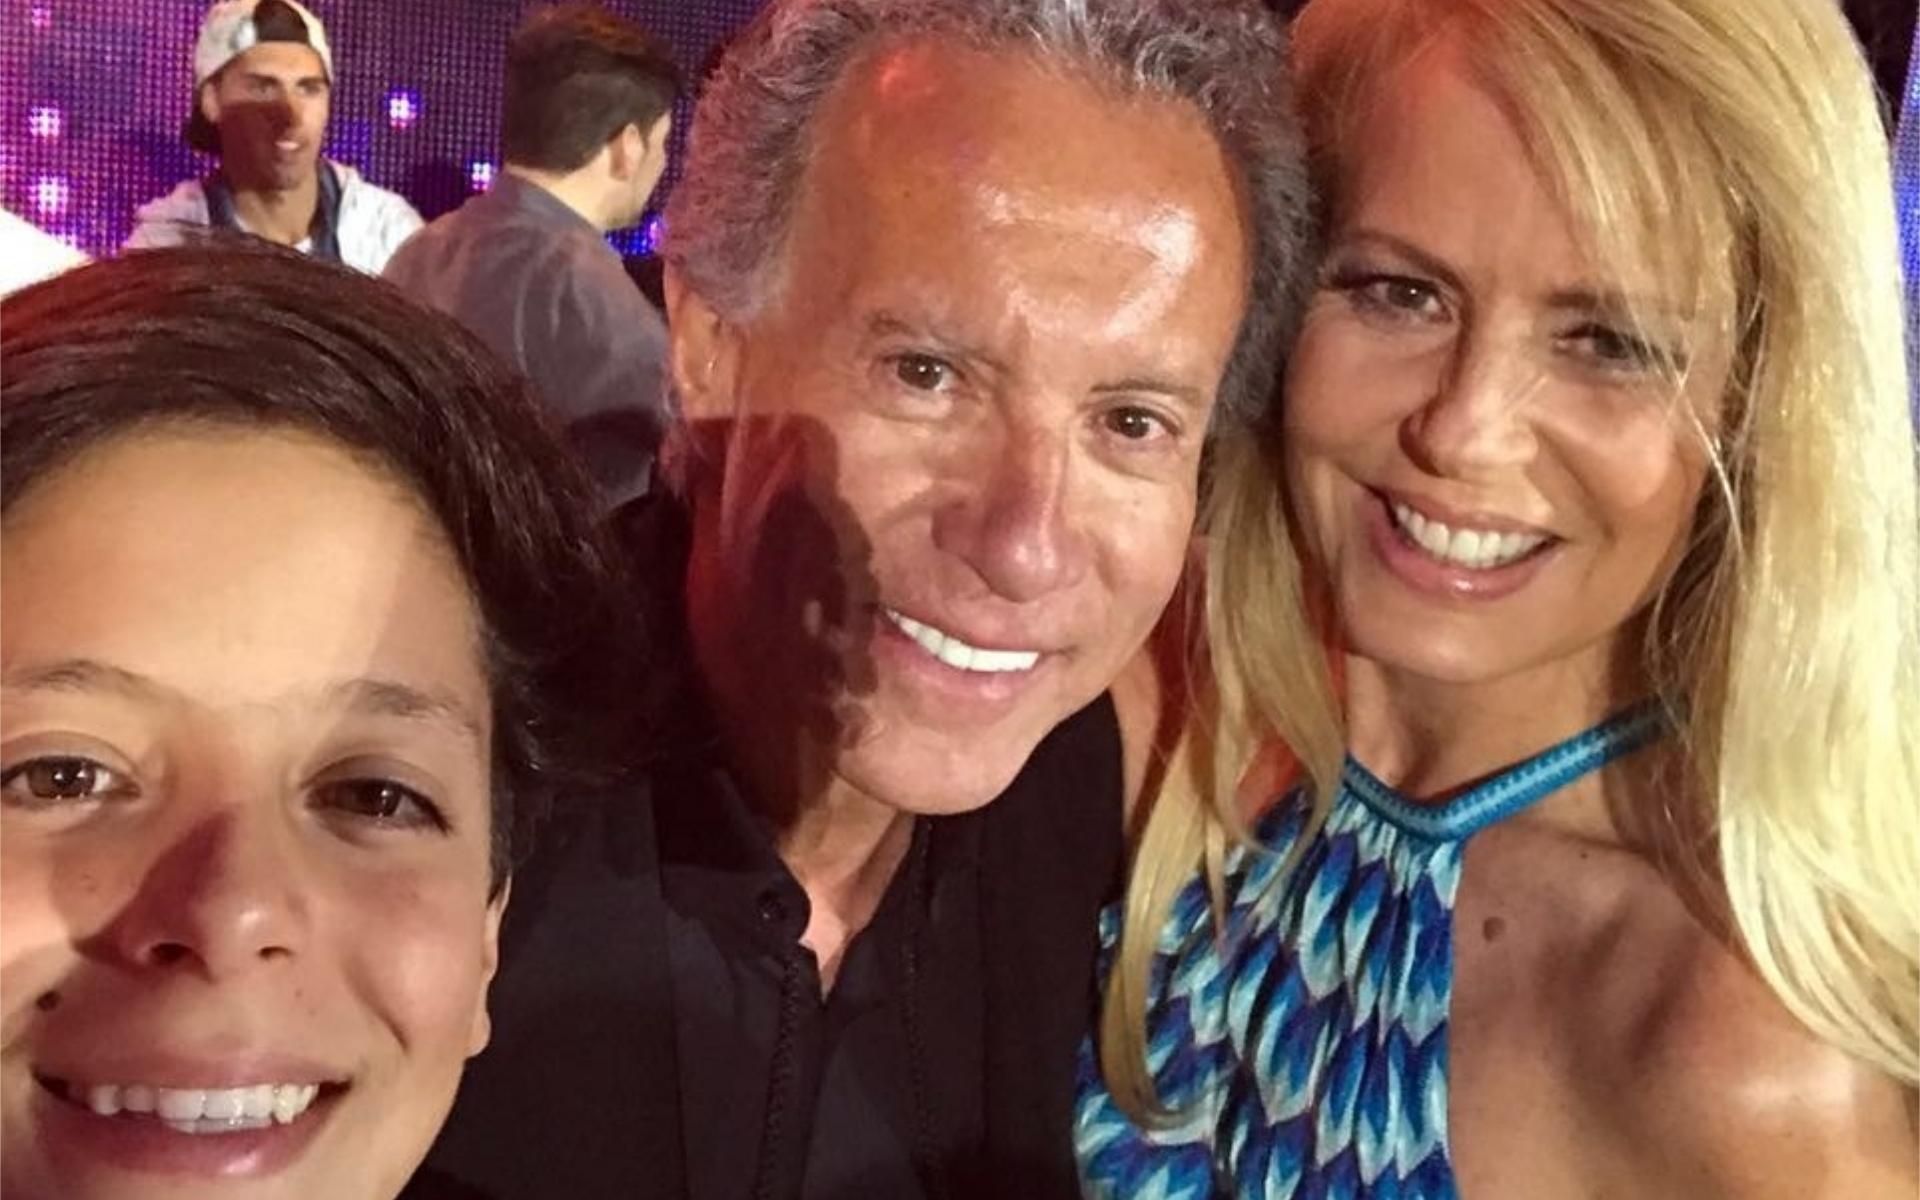 Bolocco y Máximo junto al empresario chileno José Patricio Daire, que según la ex Miss Universo oficia de papá del adolescente. (Foto Instagram)